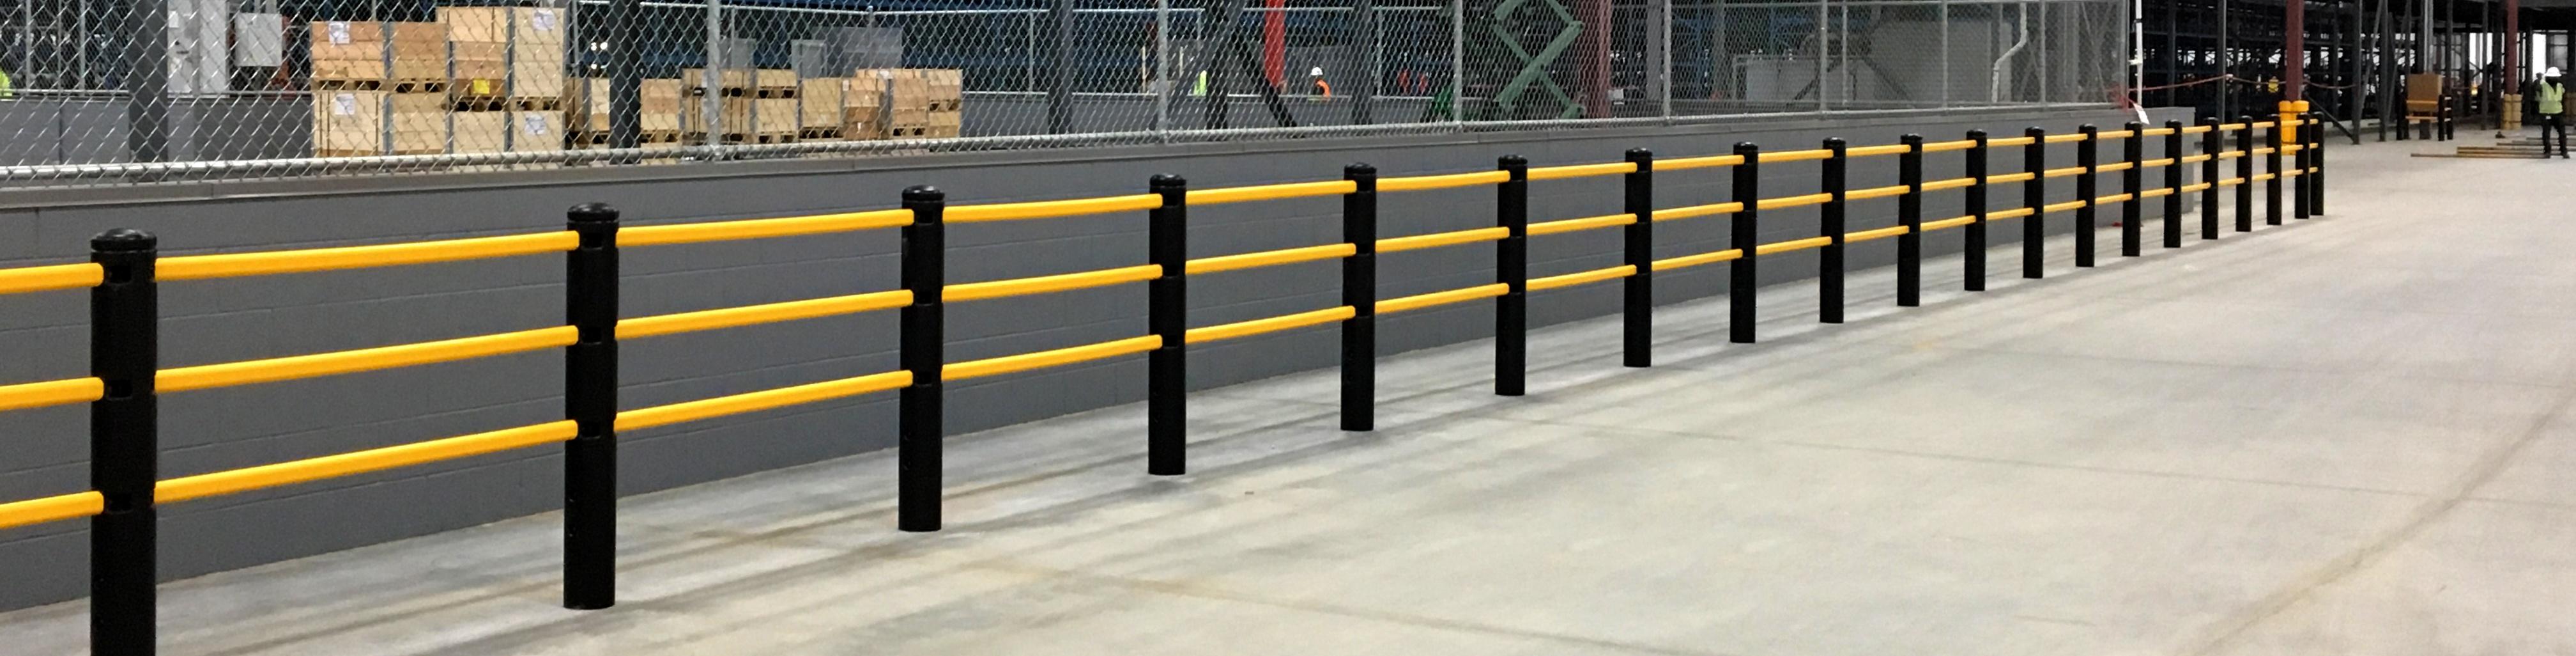 Pedestrian Safety Barrier